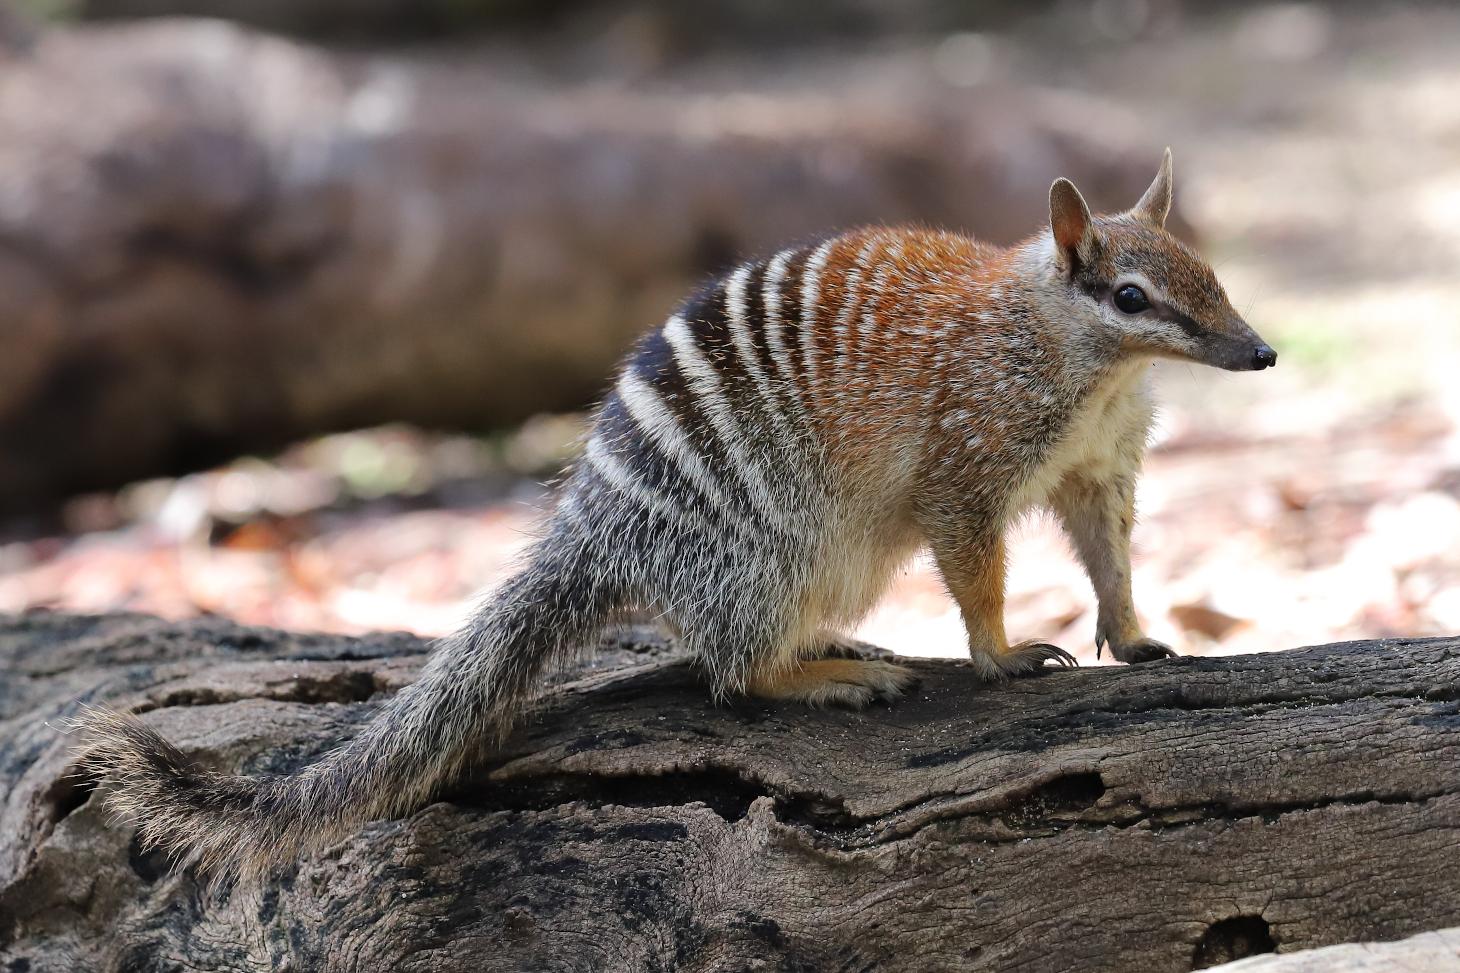 Le numbat, carnivore marsupial présent uniquement dans les bois d'eucalyptus du sud de l'Australie. Les prédictions estiment une réduction de son aire de répartition de 54 % à horizon 2040-2060. Shutterstock